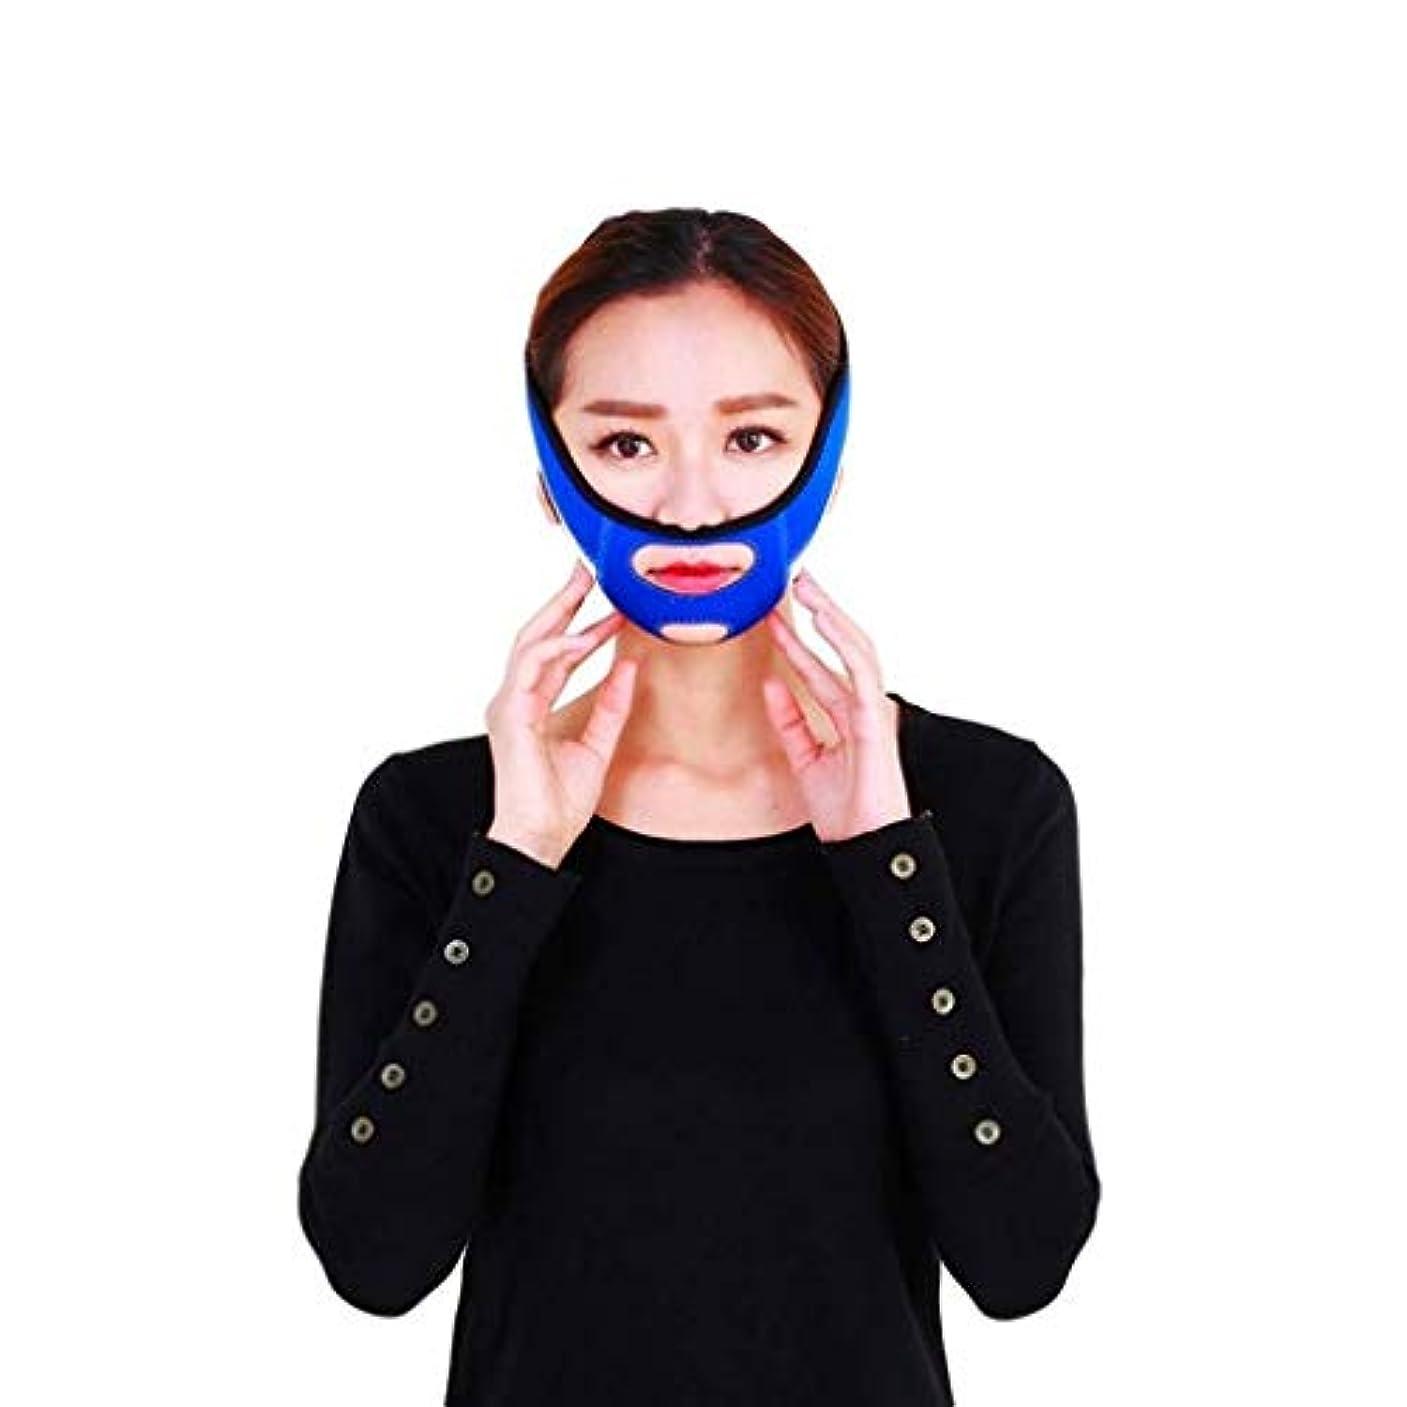 意欲ボア有名なVフェイスラインベルトチンチークスリムリフトアップアンチリンクルマスク超薄型ストラップバンドVフェイスラインベルトストラップバンド通気性